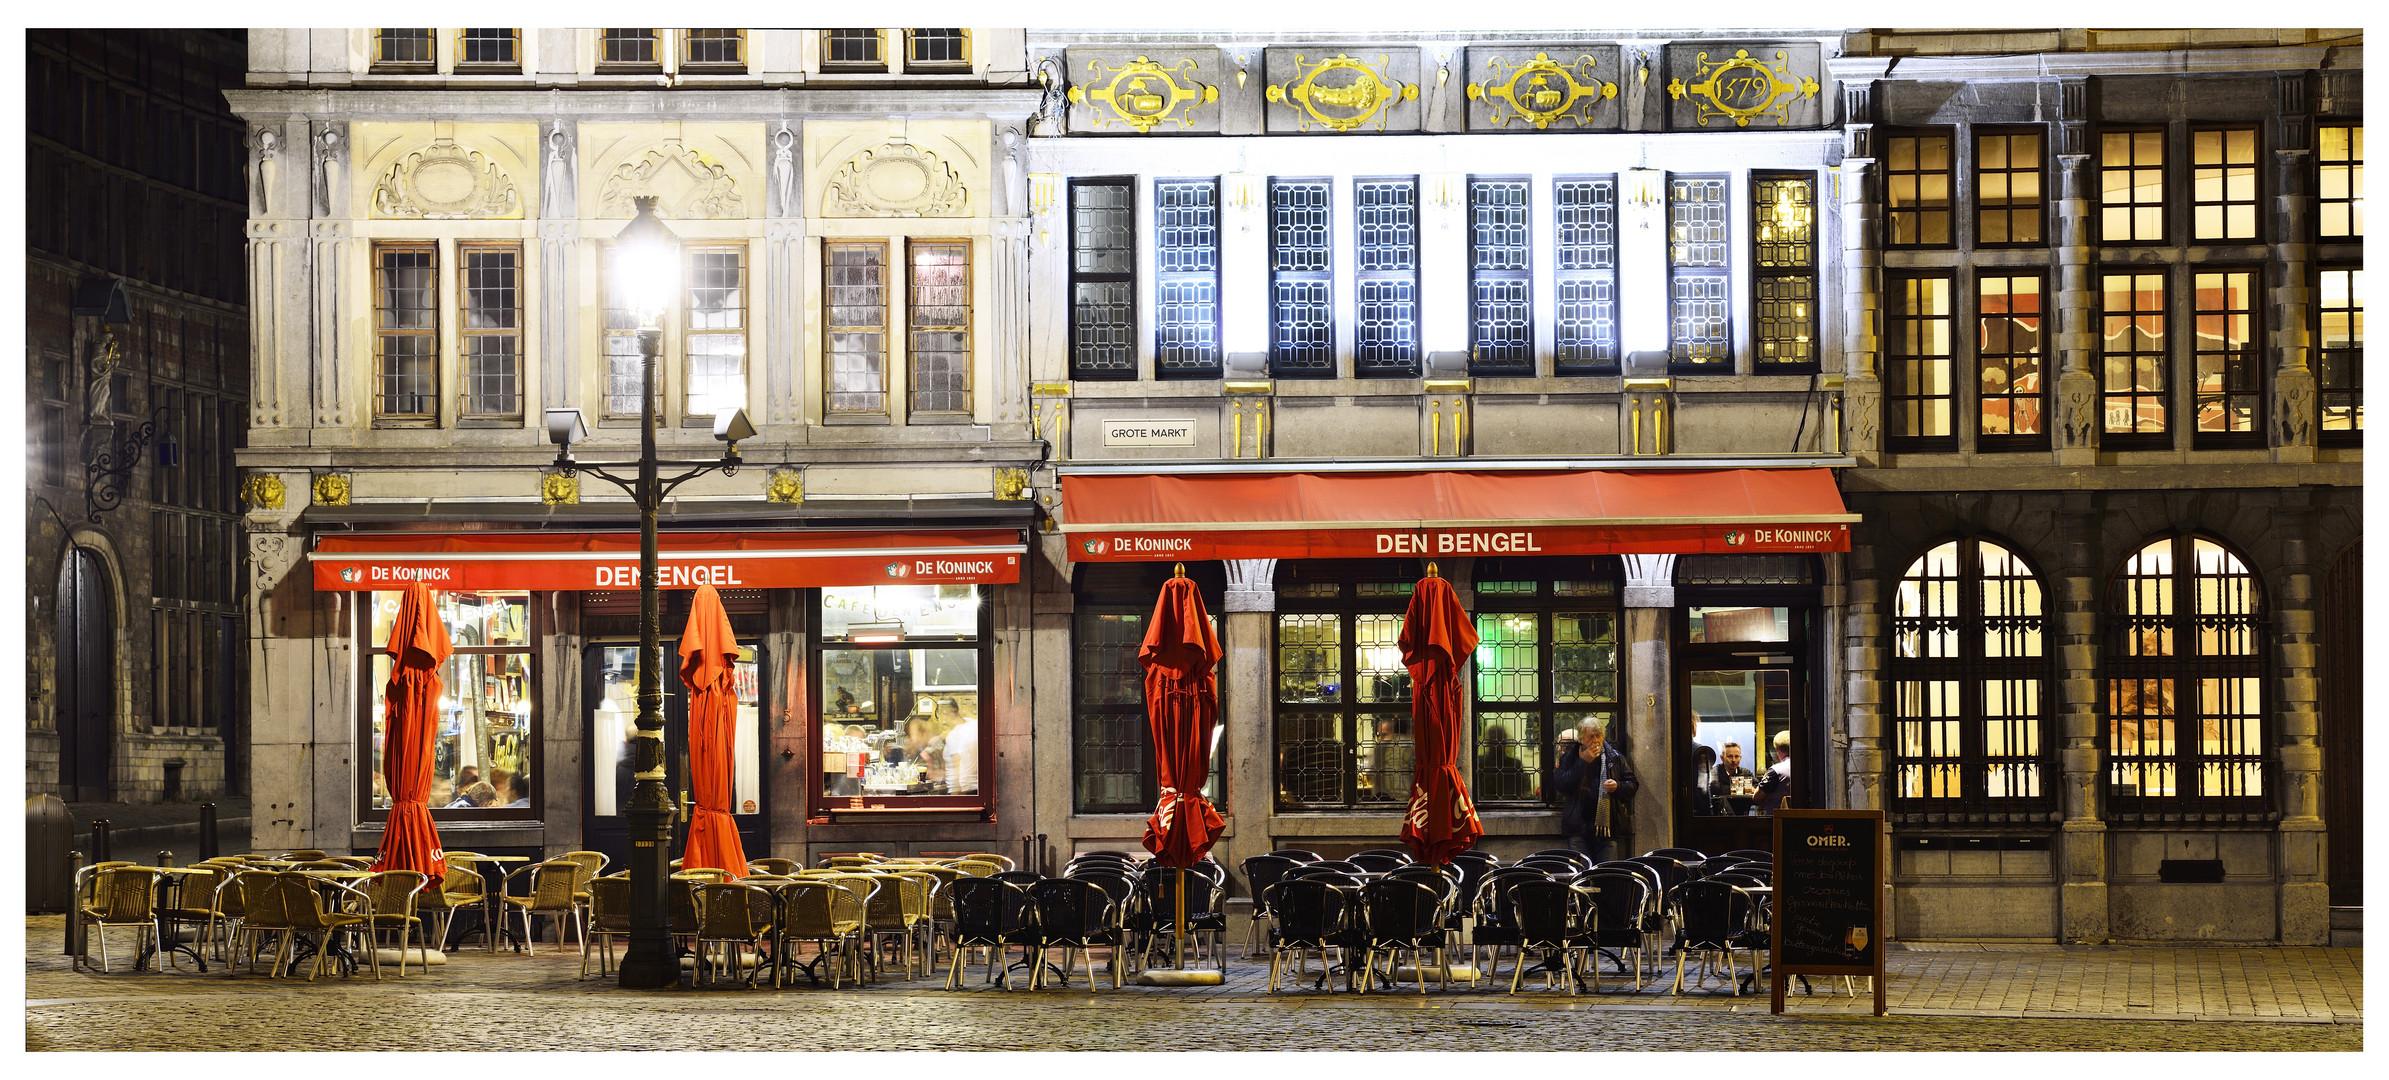 Den Bengel Antwerp